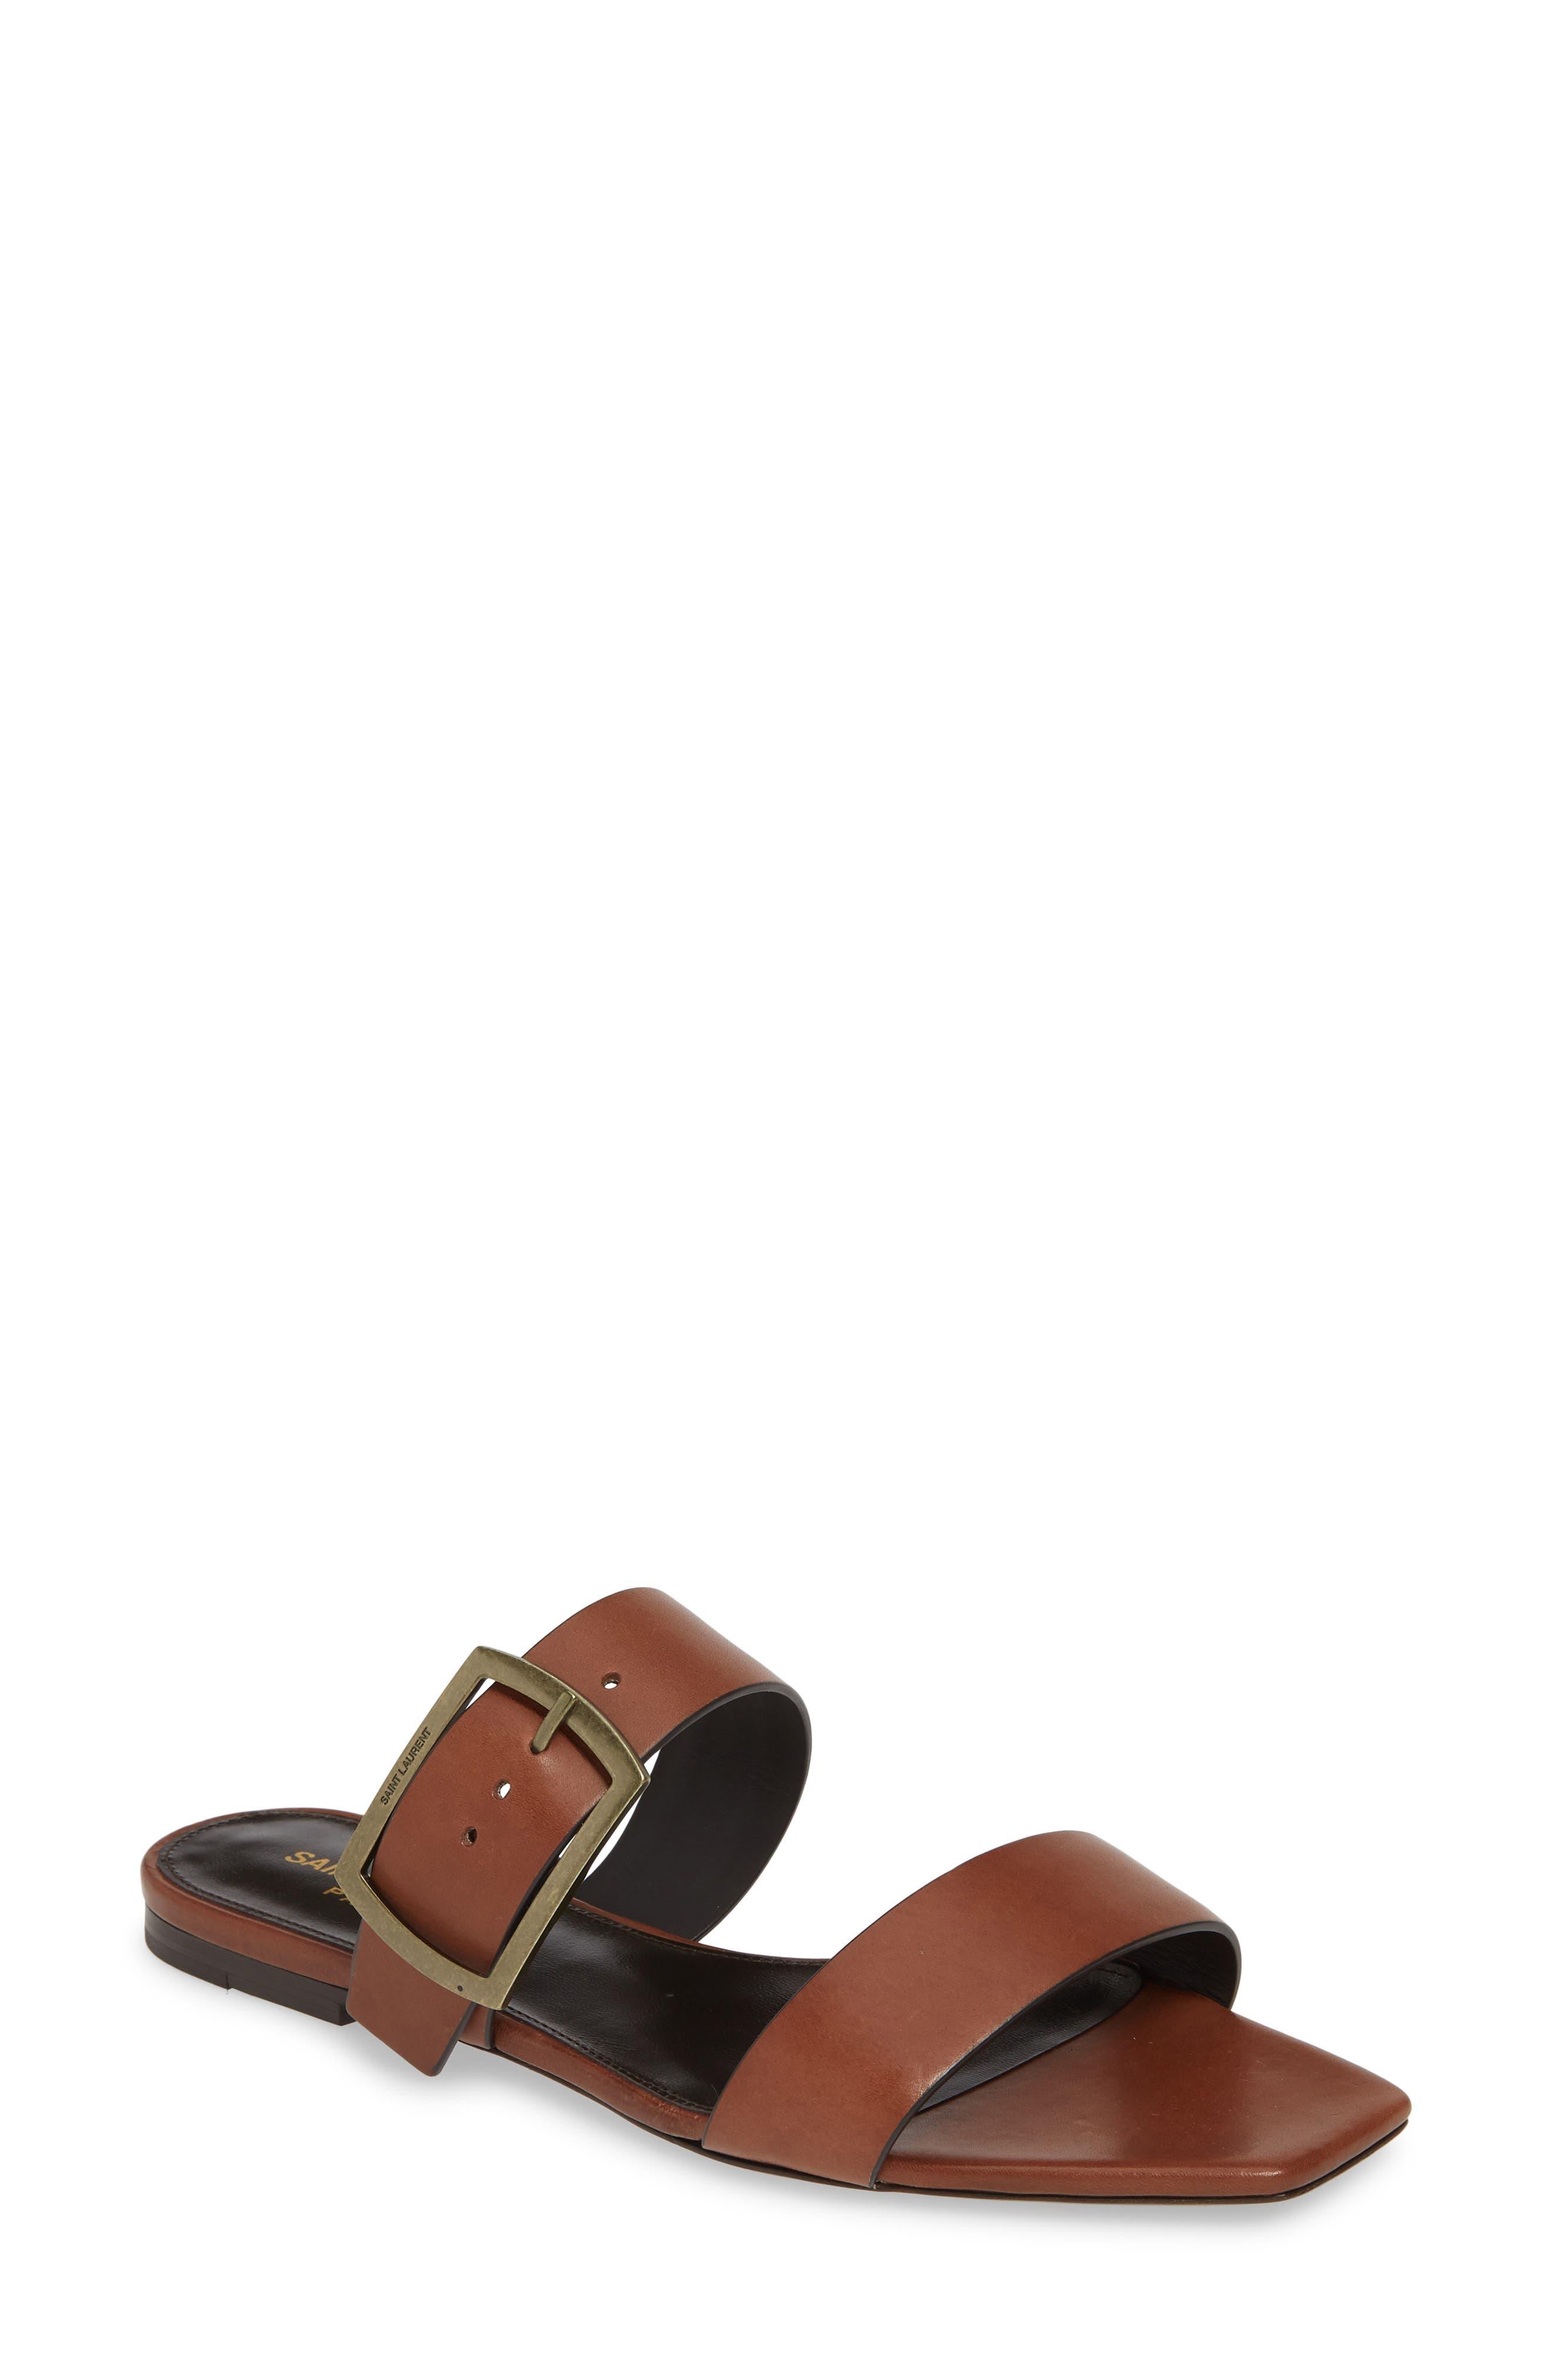 Saint Laurent Oak Nu Pieds Sandal, Brown